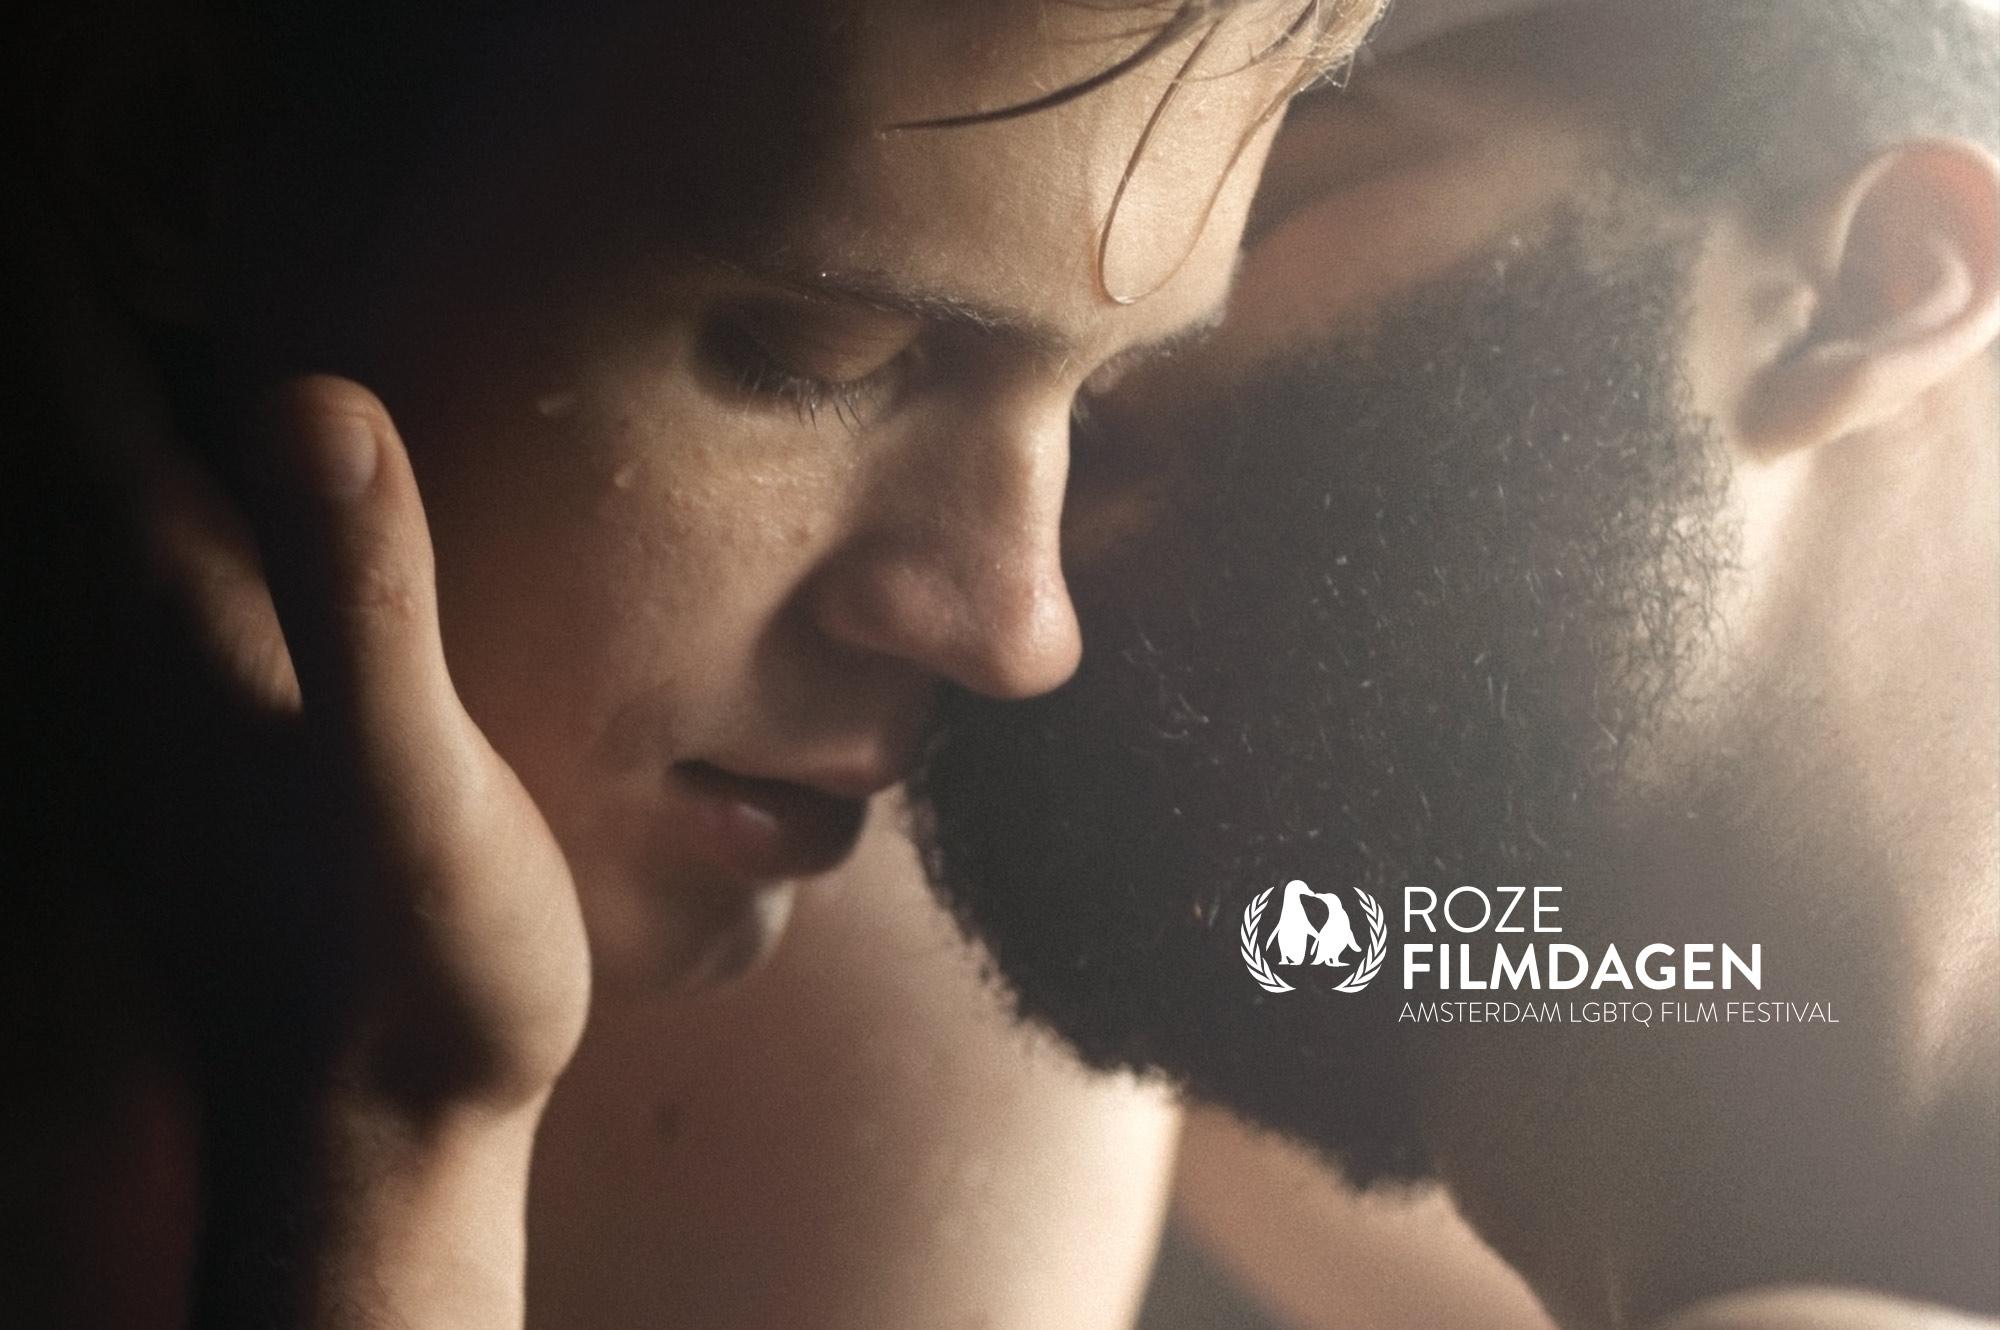 Best Gay Men Kissing Movies 2018